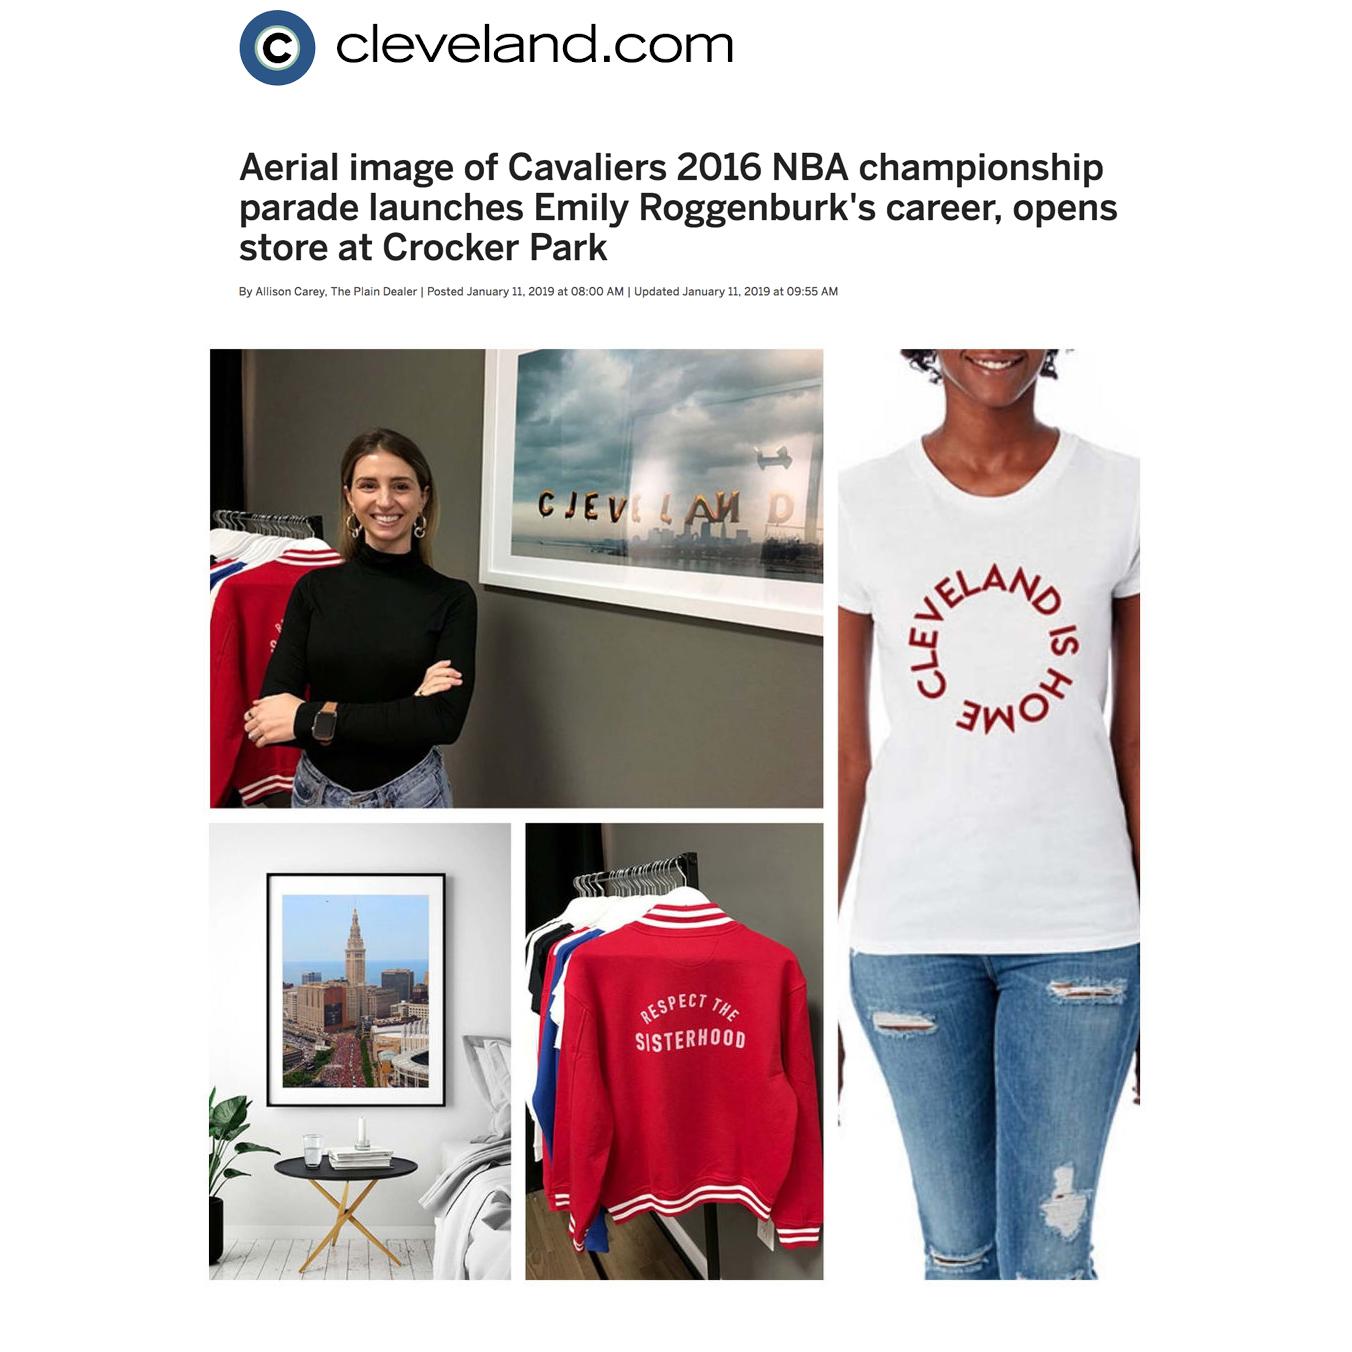 cleveland.com.jpg